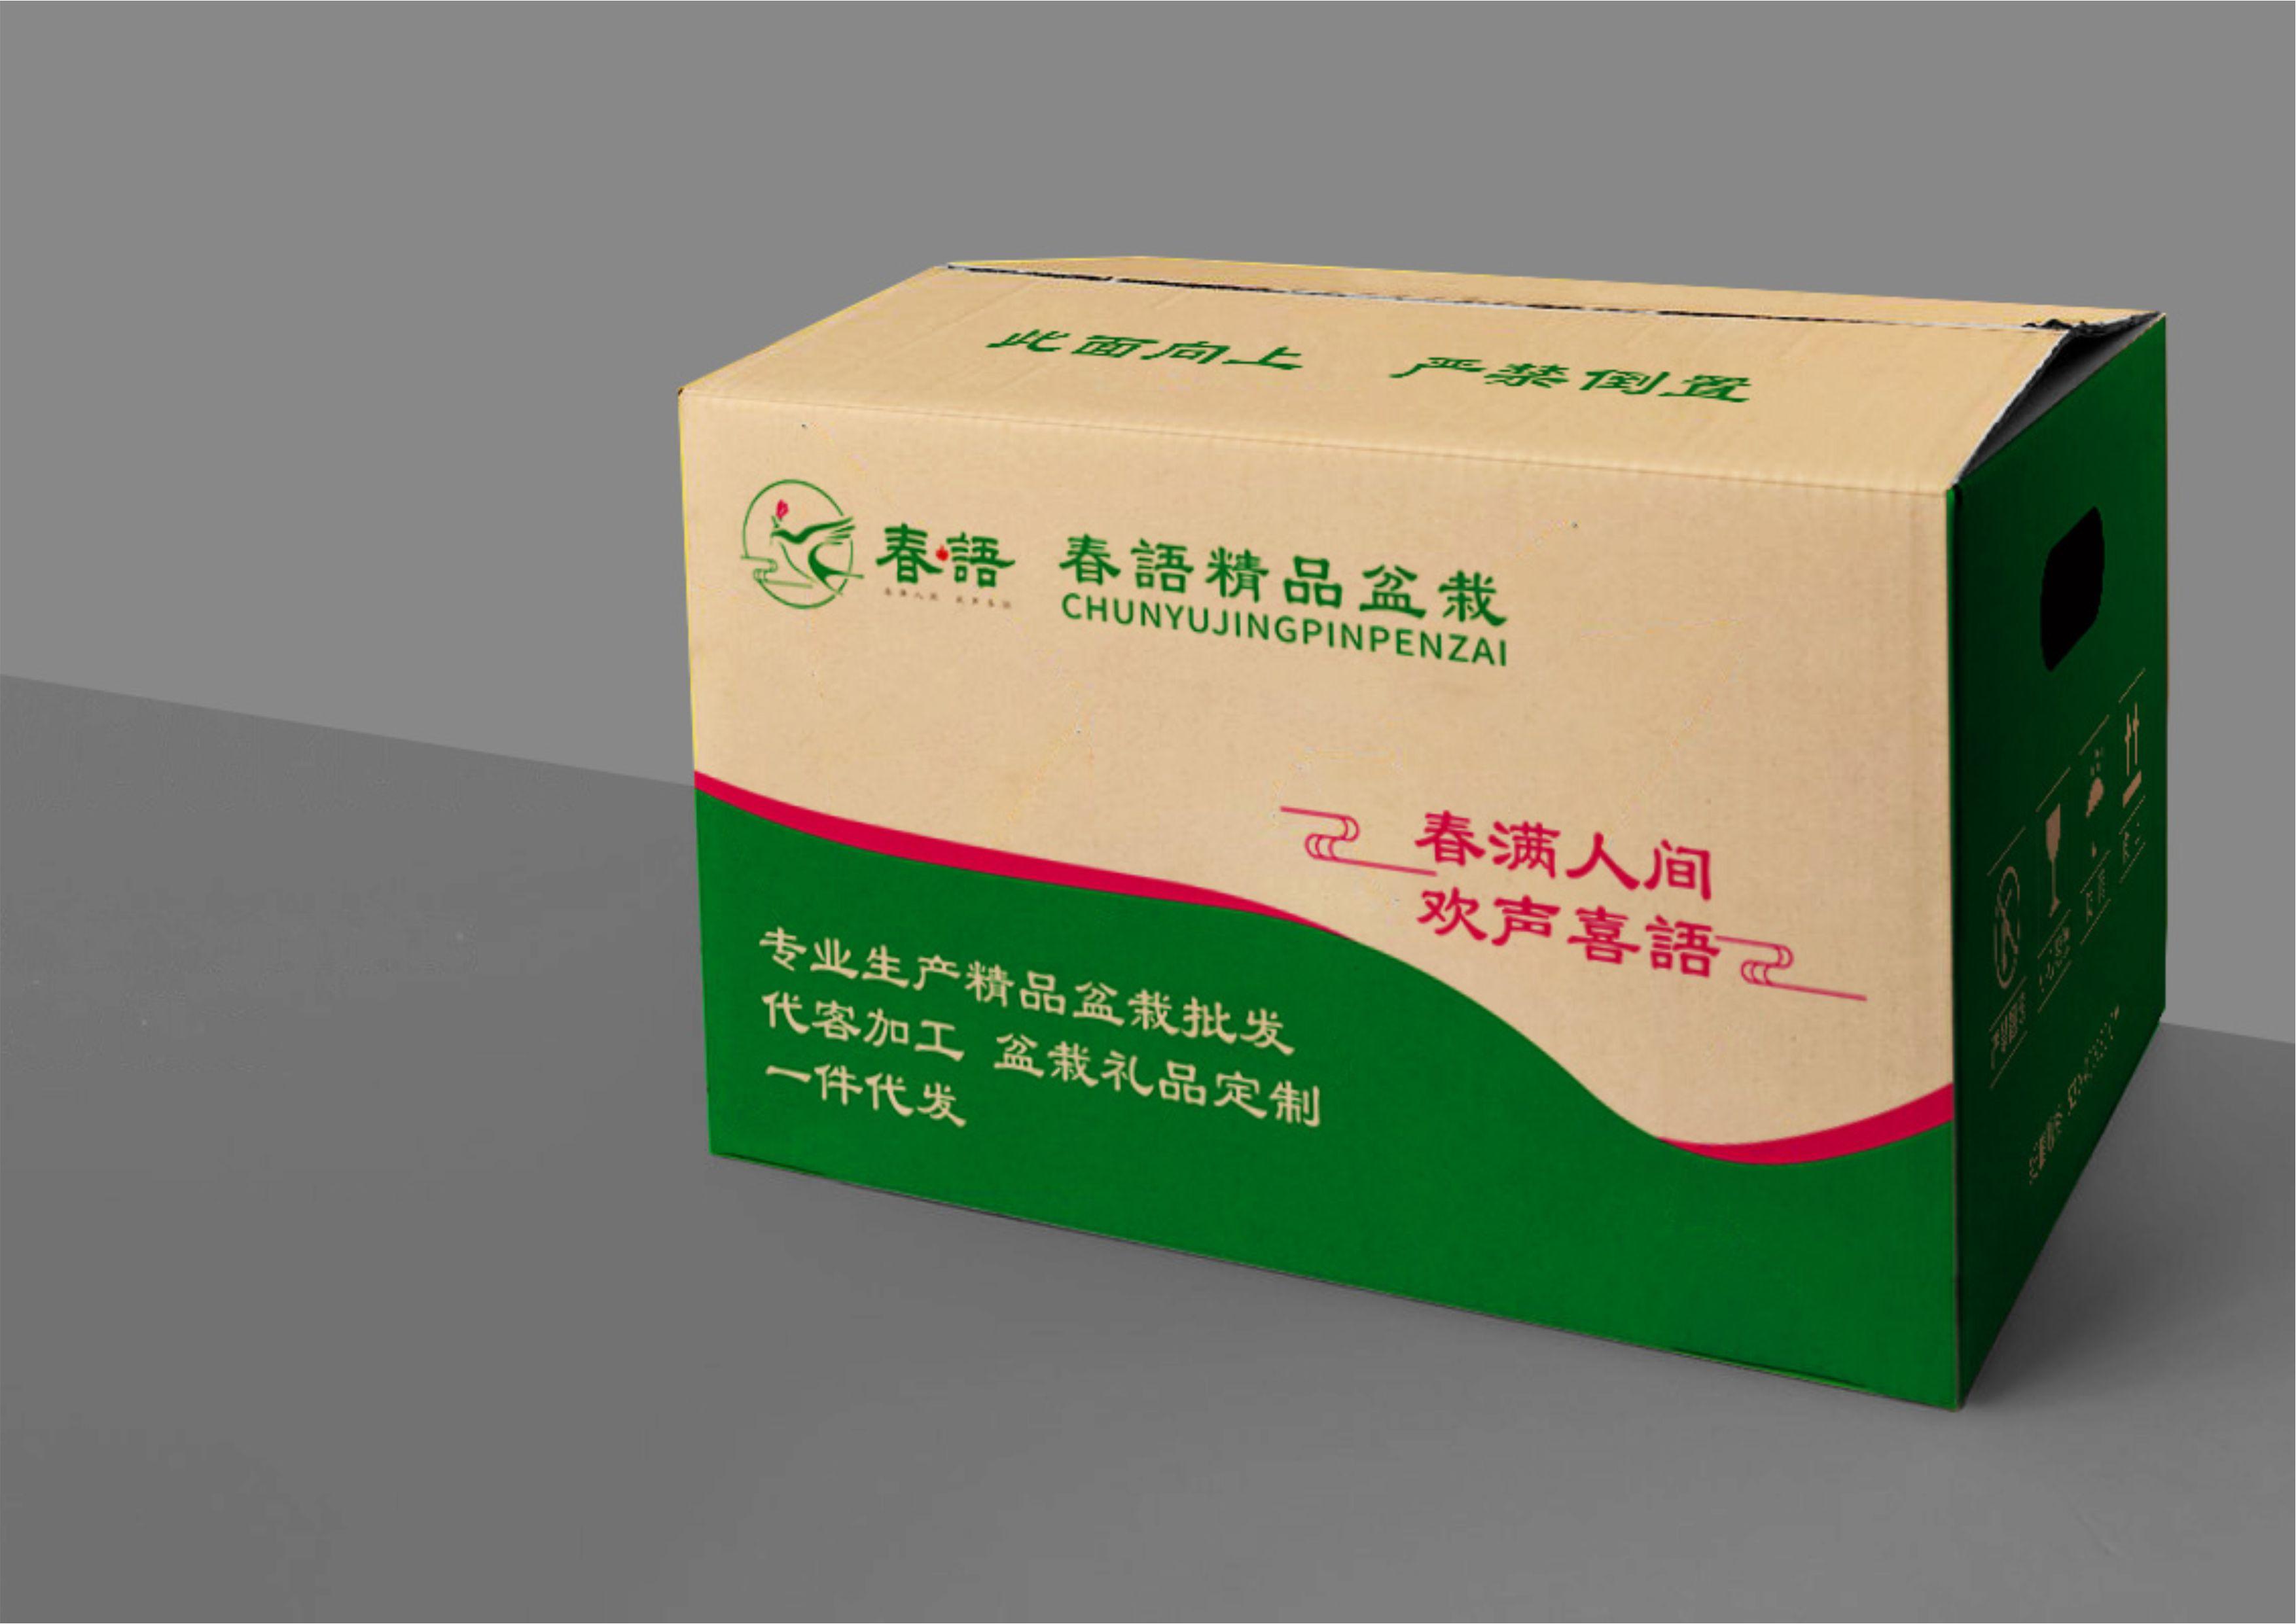 纸箱包装排版设计_3034792_k68威客网